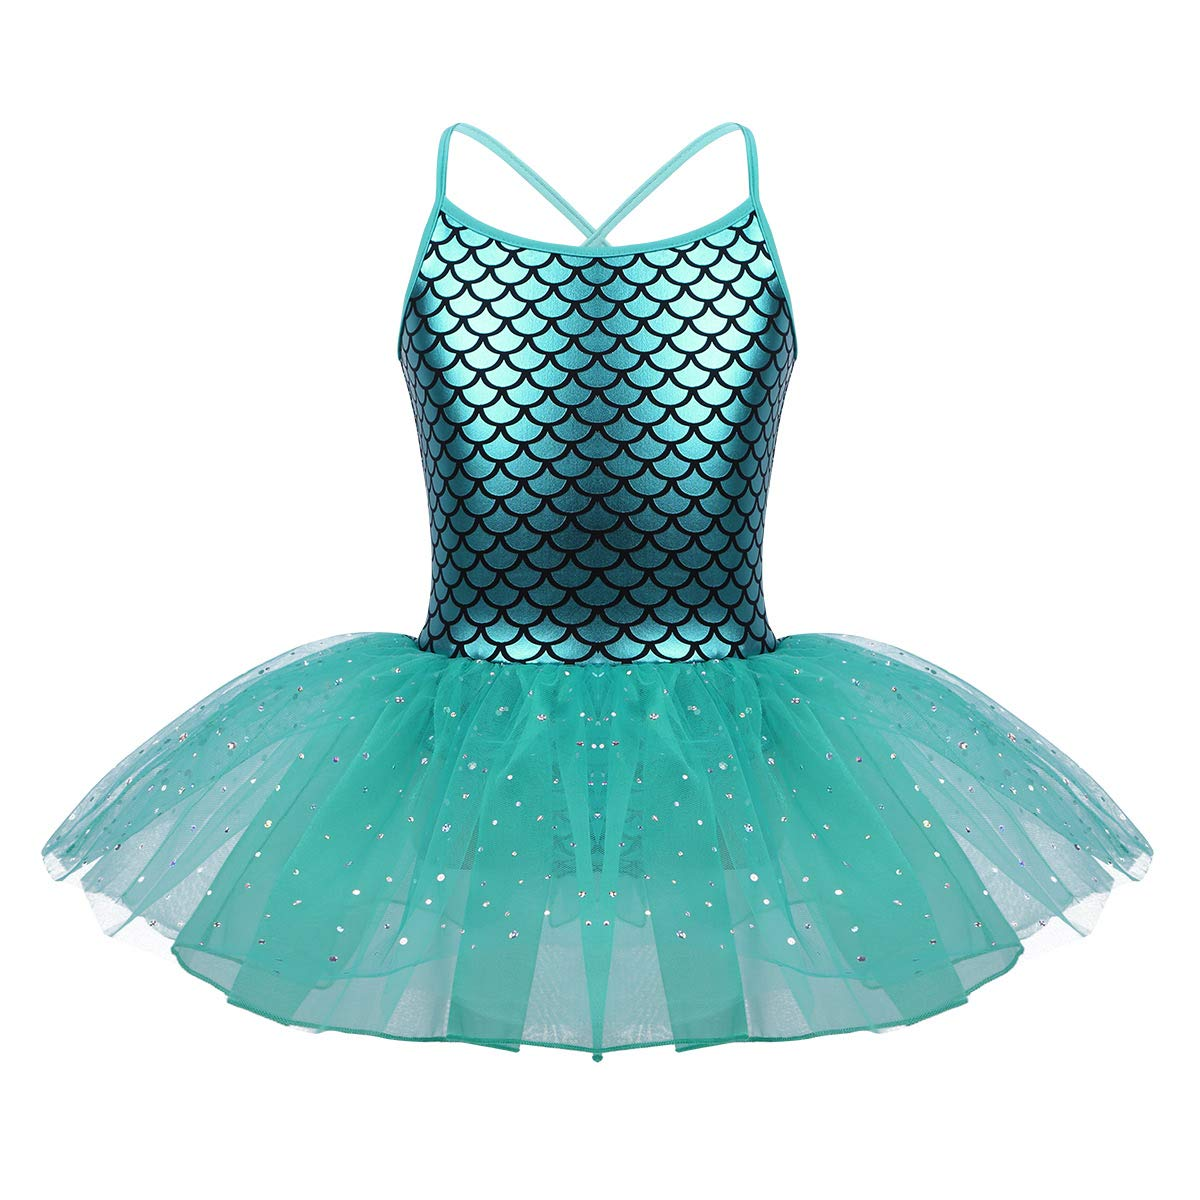 iEFiEL Bambina Leotard Vestito da Balletto Ragazza Body Dancewear Ginnastica Danza Classica Tutu Elegante Senza Manica Paillettes Aderente Allenamento Ballo 4-12 Anni